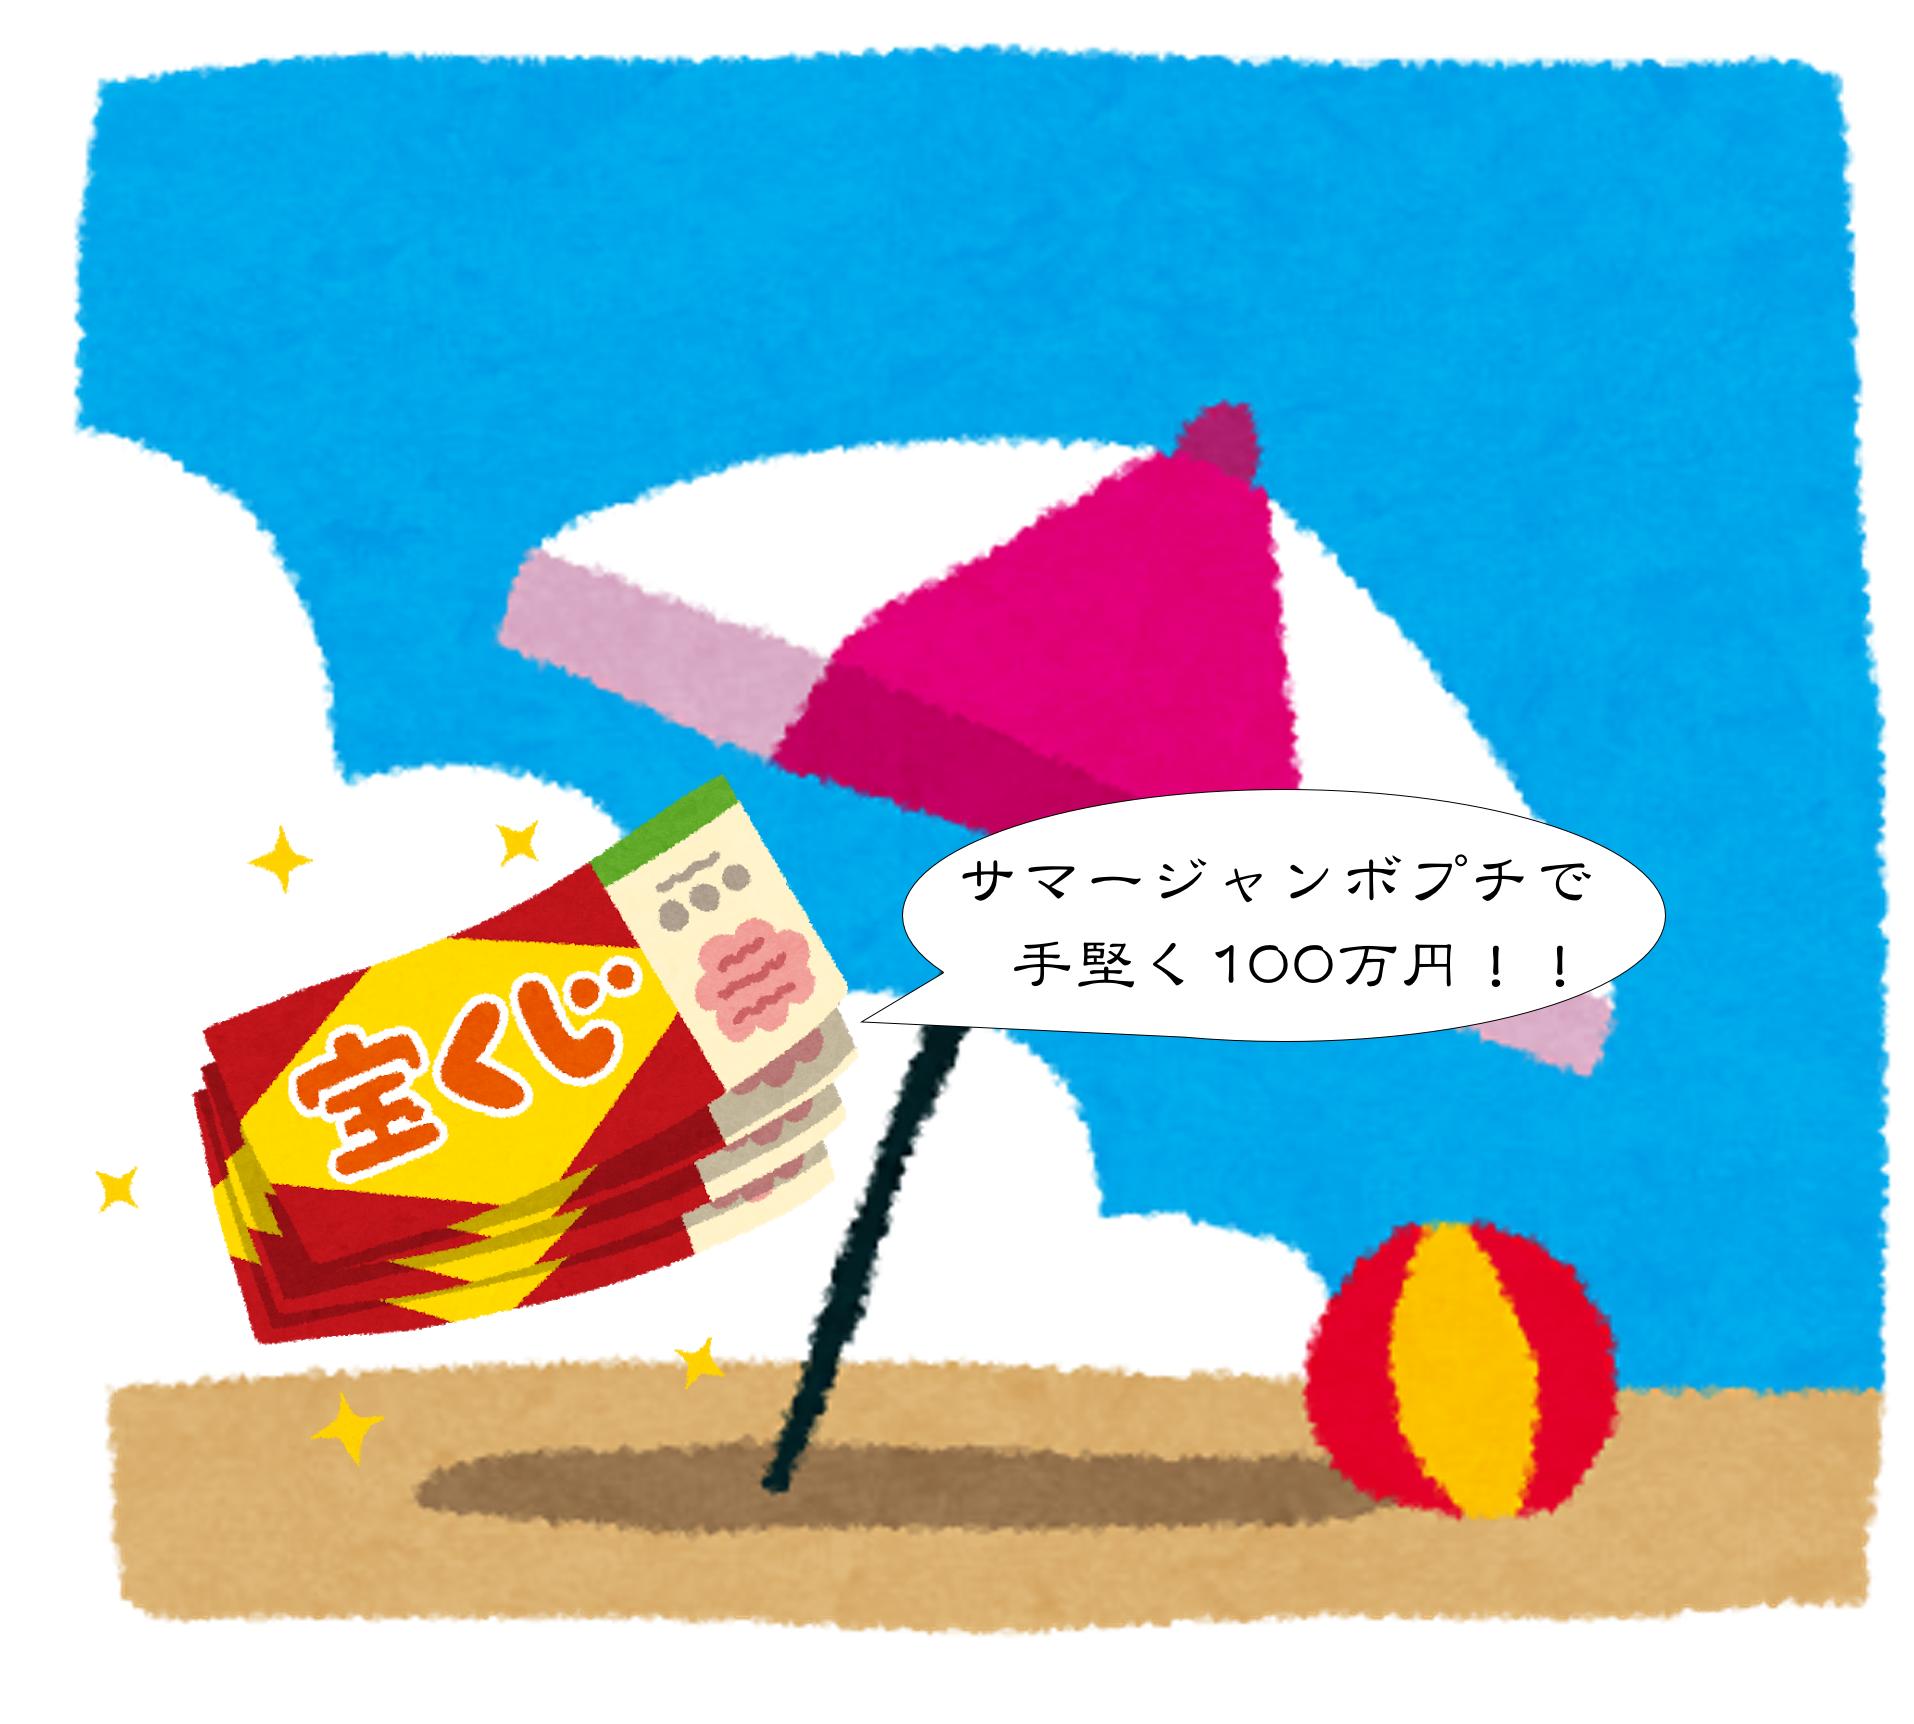 宝くじ いつまで 初夢 初夢宝くじ当選番号|2020年(令和2年) 1月17日(金)